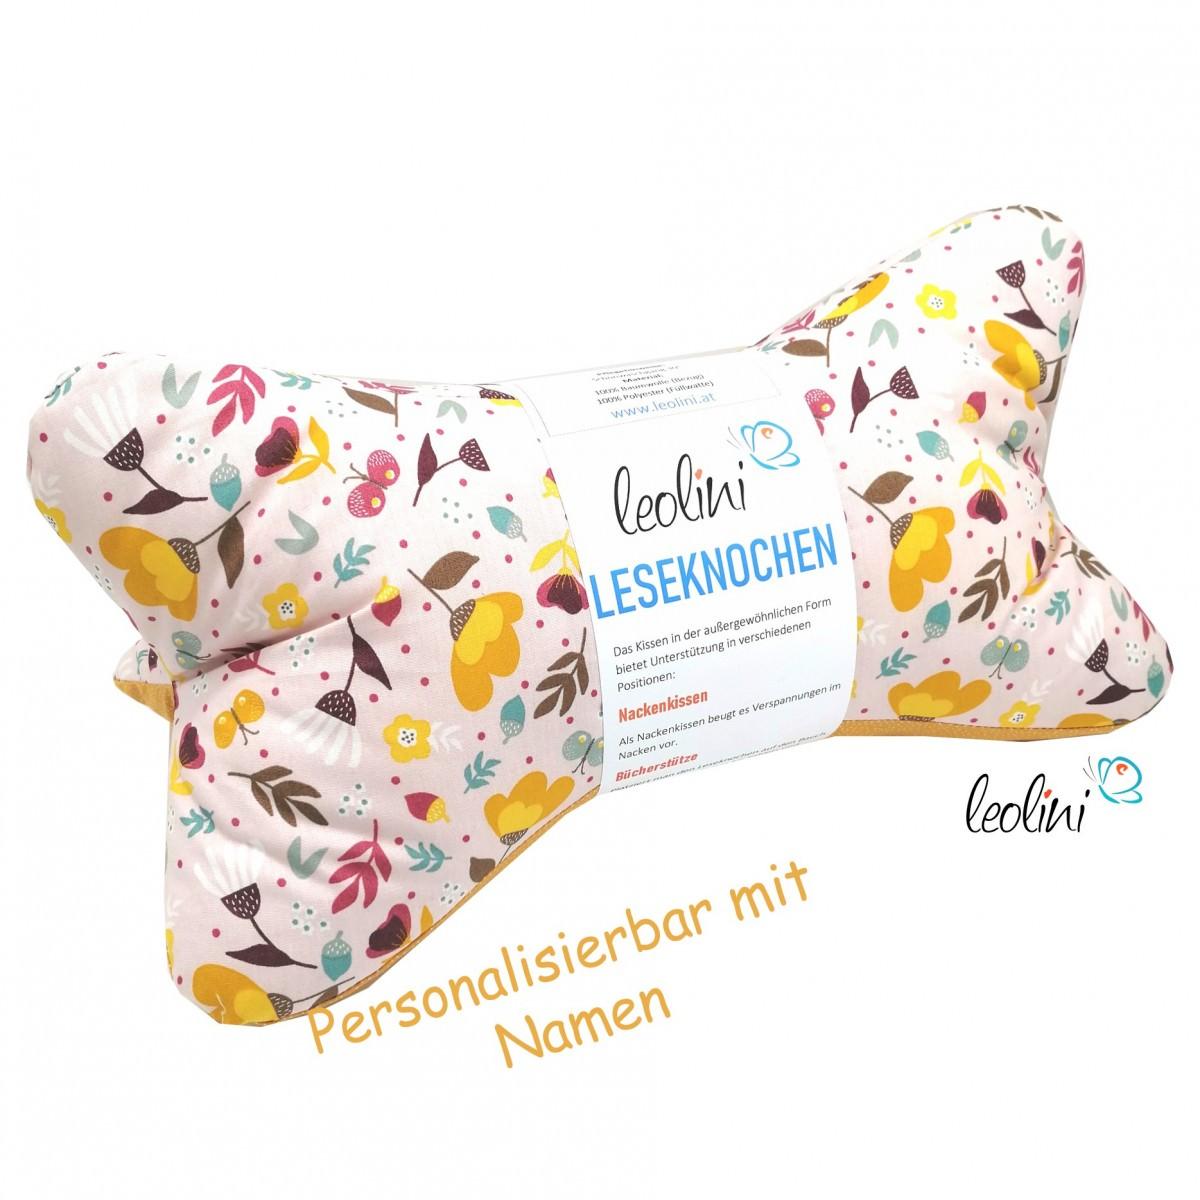 Leseknochen - Lesekissen von Leolini Blumenmuster senf mit Namen